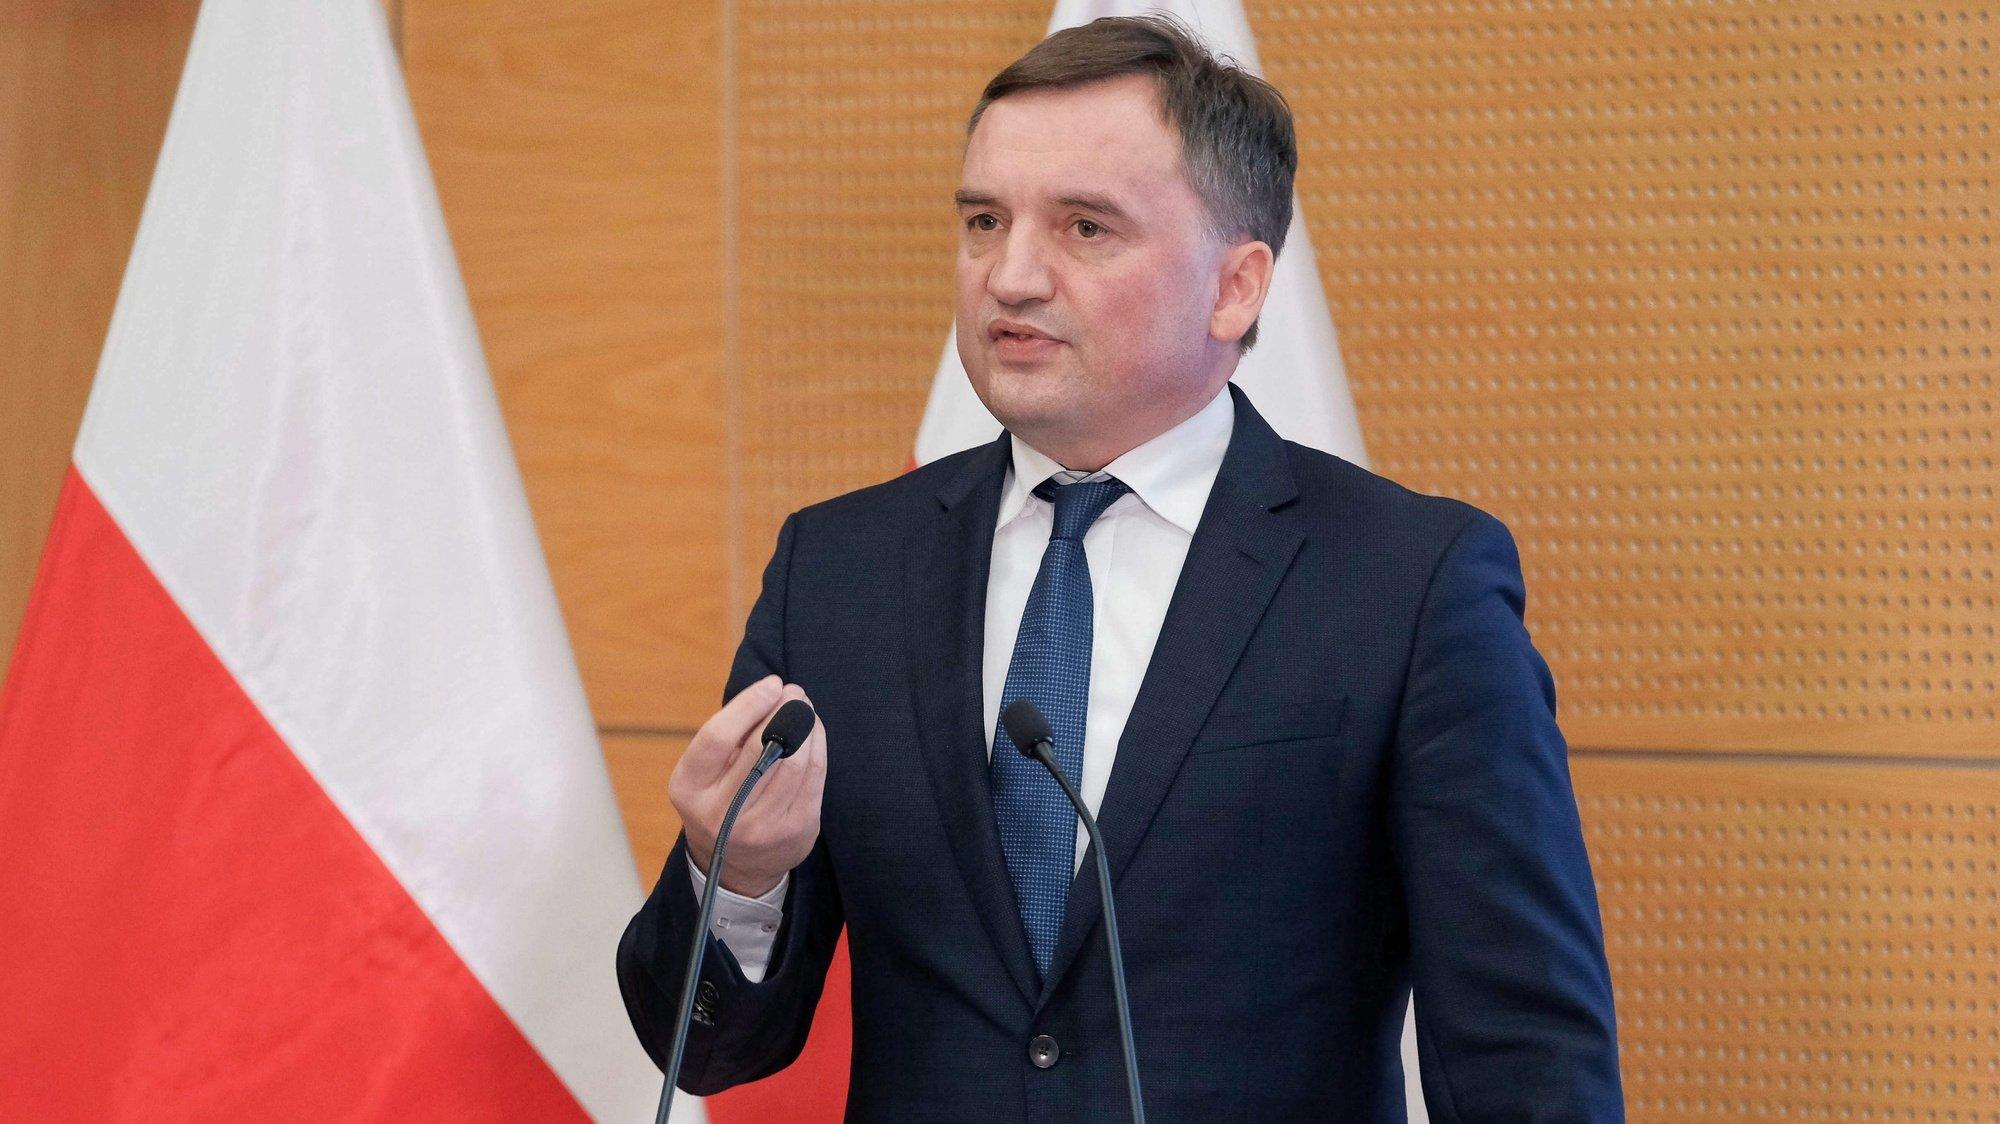 Ministro da justiça polaco, Zbigniew Ziobro, intervém numa conferência de imprensa